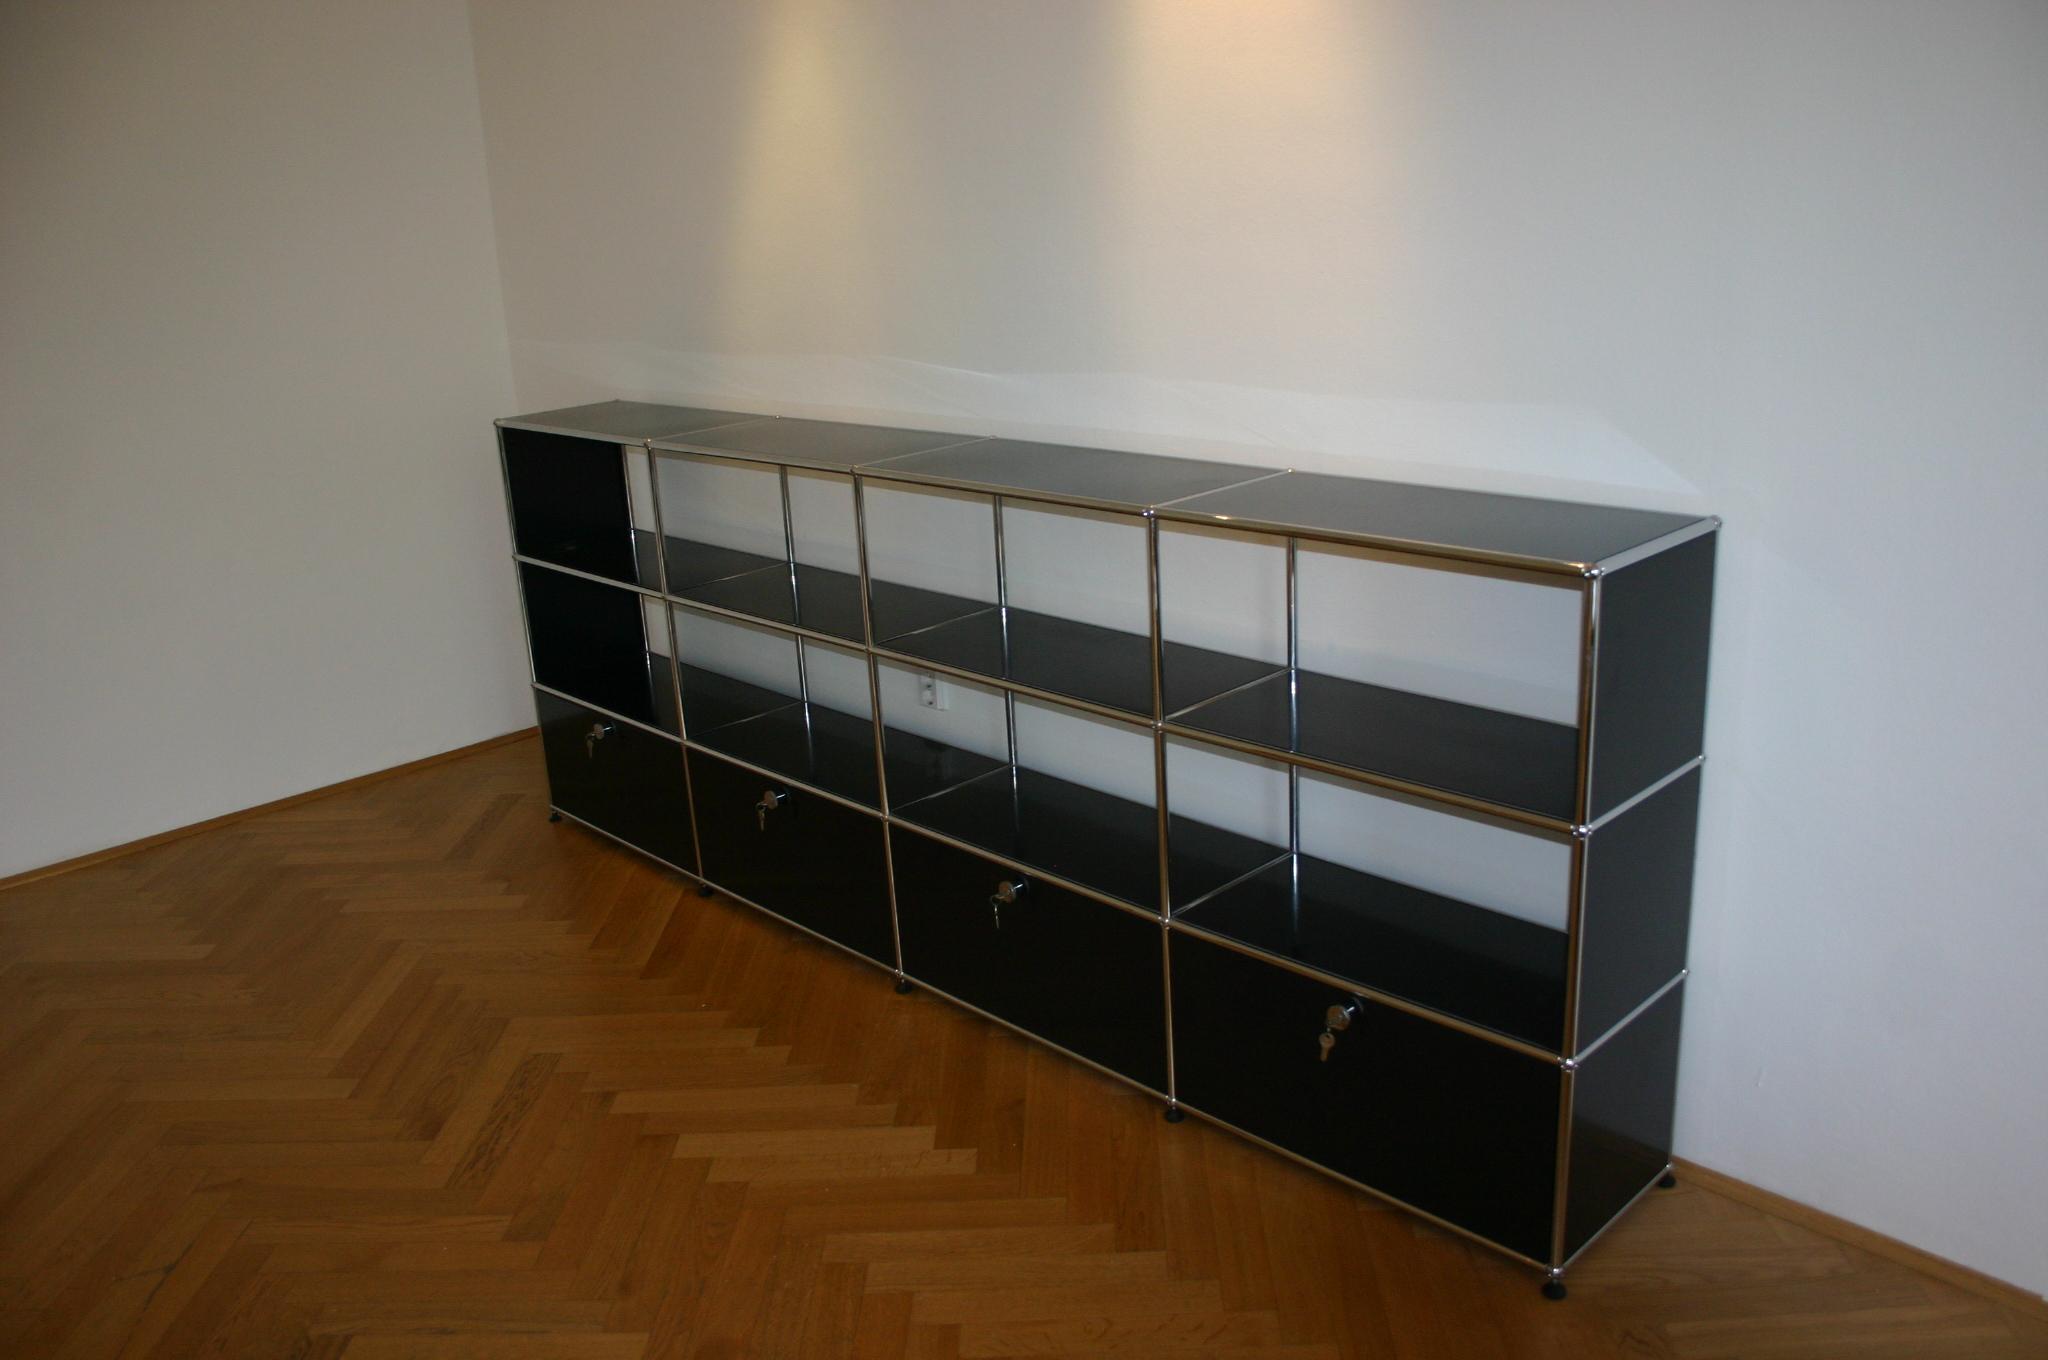 regal sideboard von usm haller in schwarz. Black Bedroom Furniture Sets. Home Design Ideas